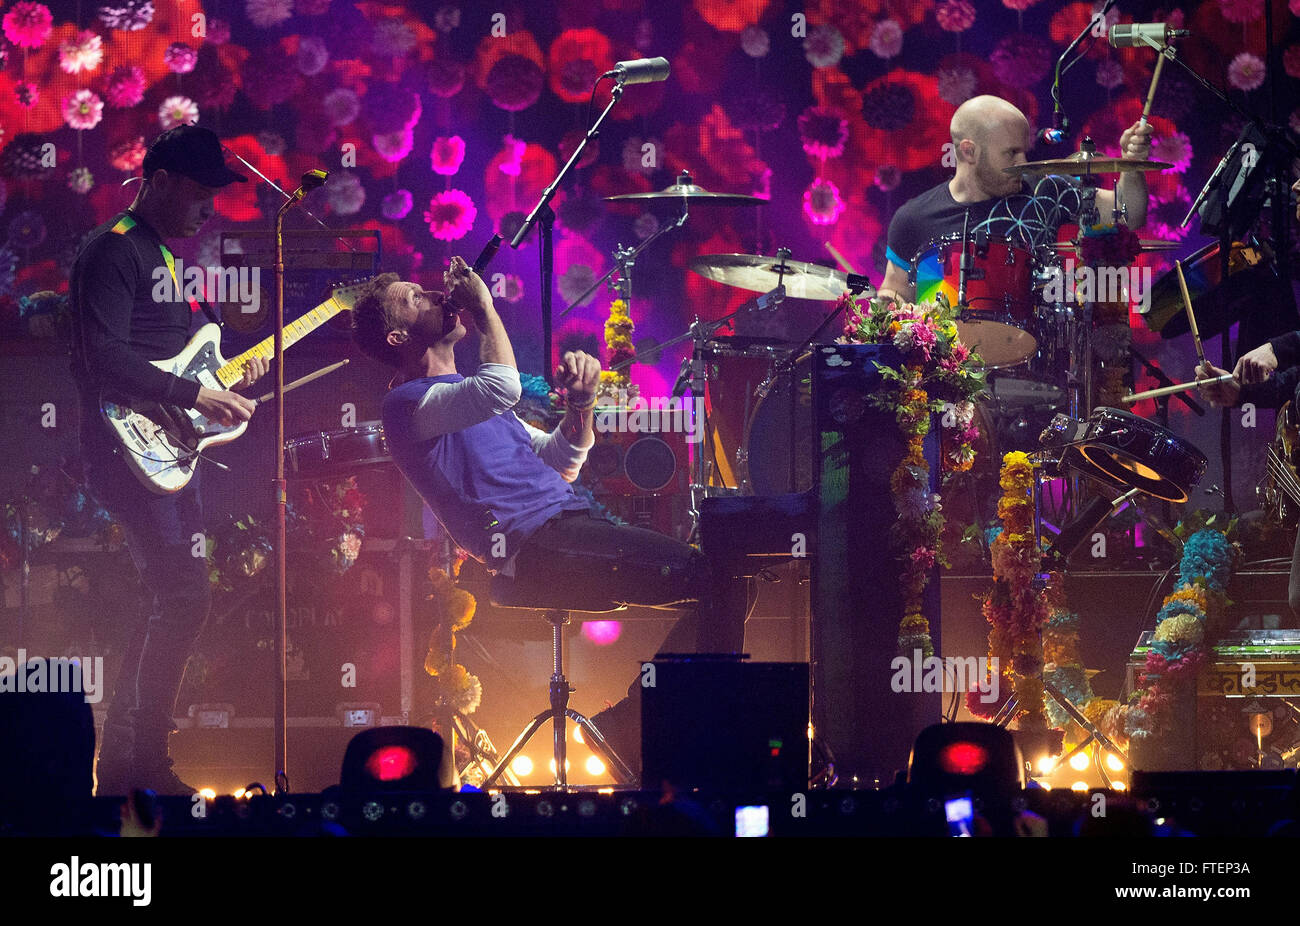 Brit Awards mostrano al 02 Arena di Londra. Dotato di: Chris Martin Coldplay dove: Londra, Regno Unito quando: 24 Immagini Stock